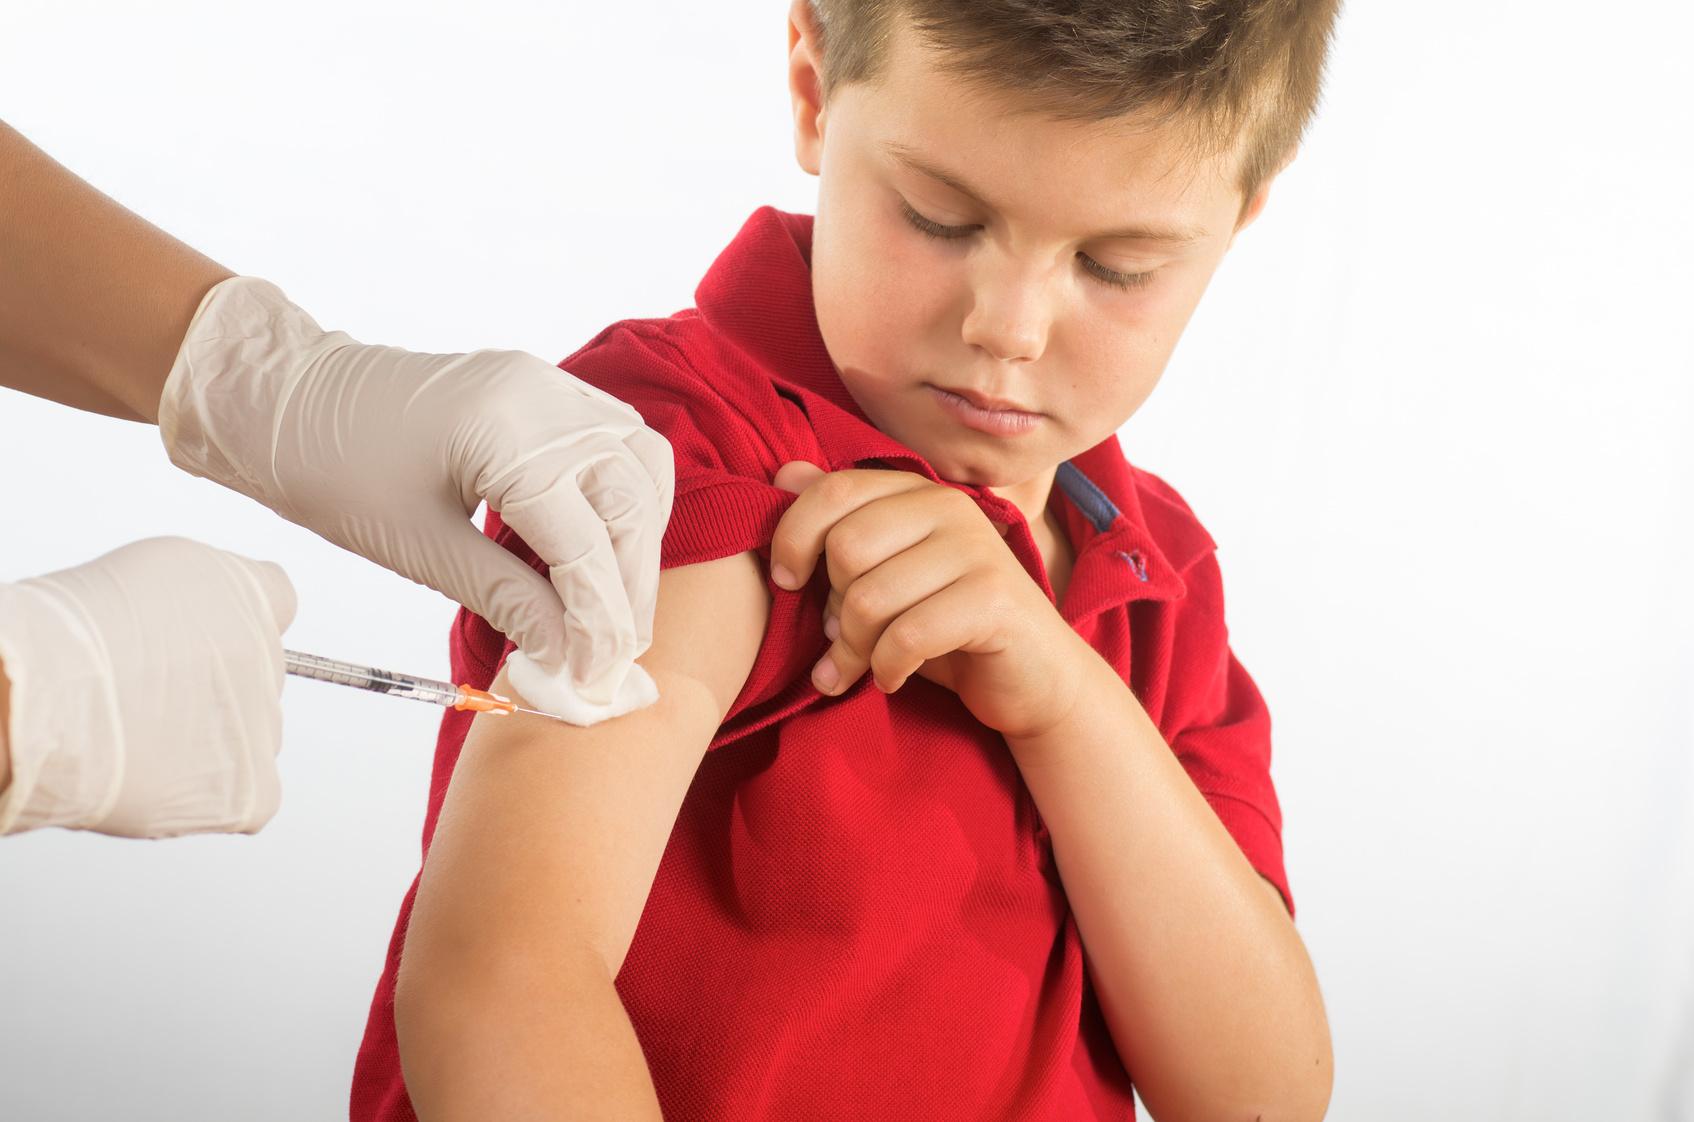 hpv impfung volt kostet